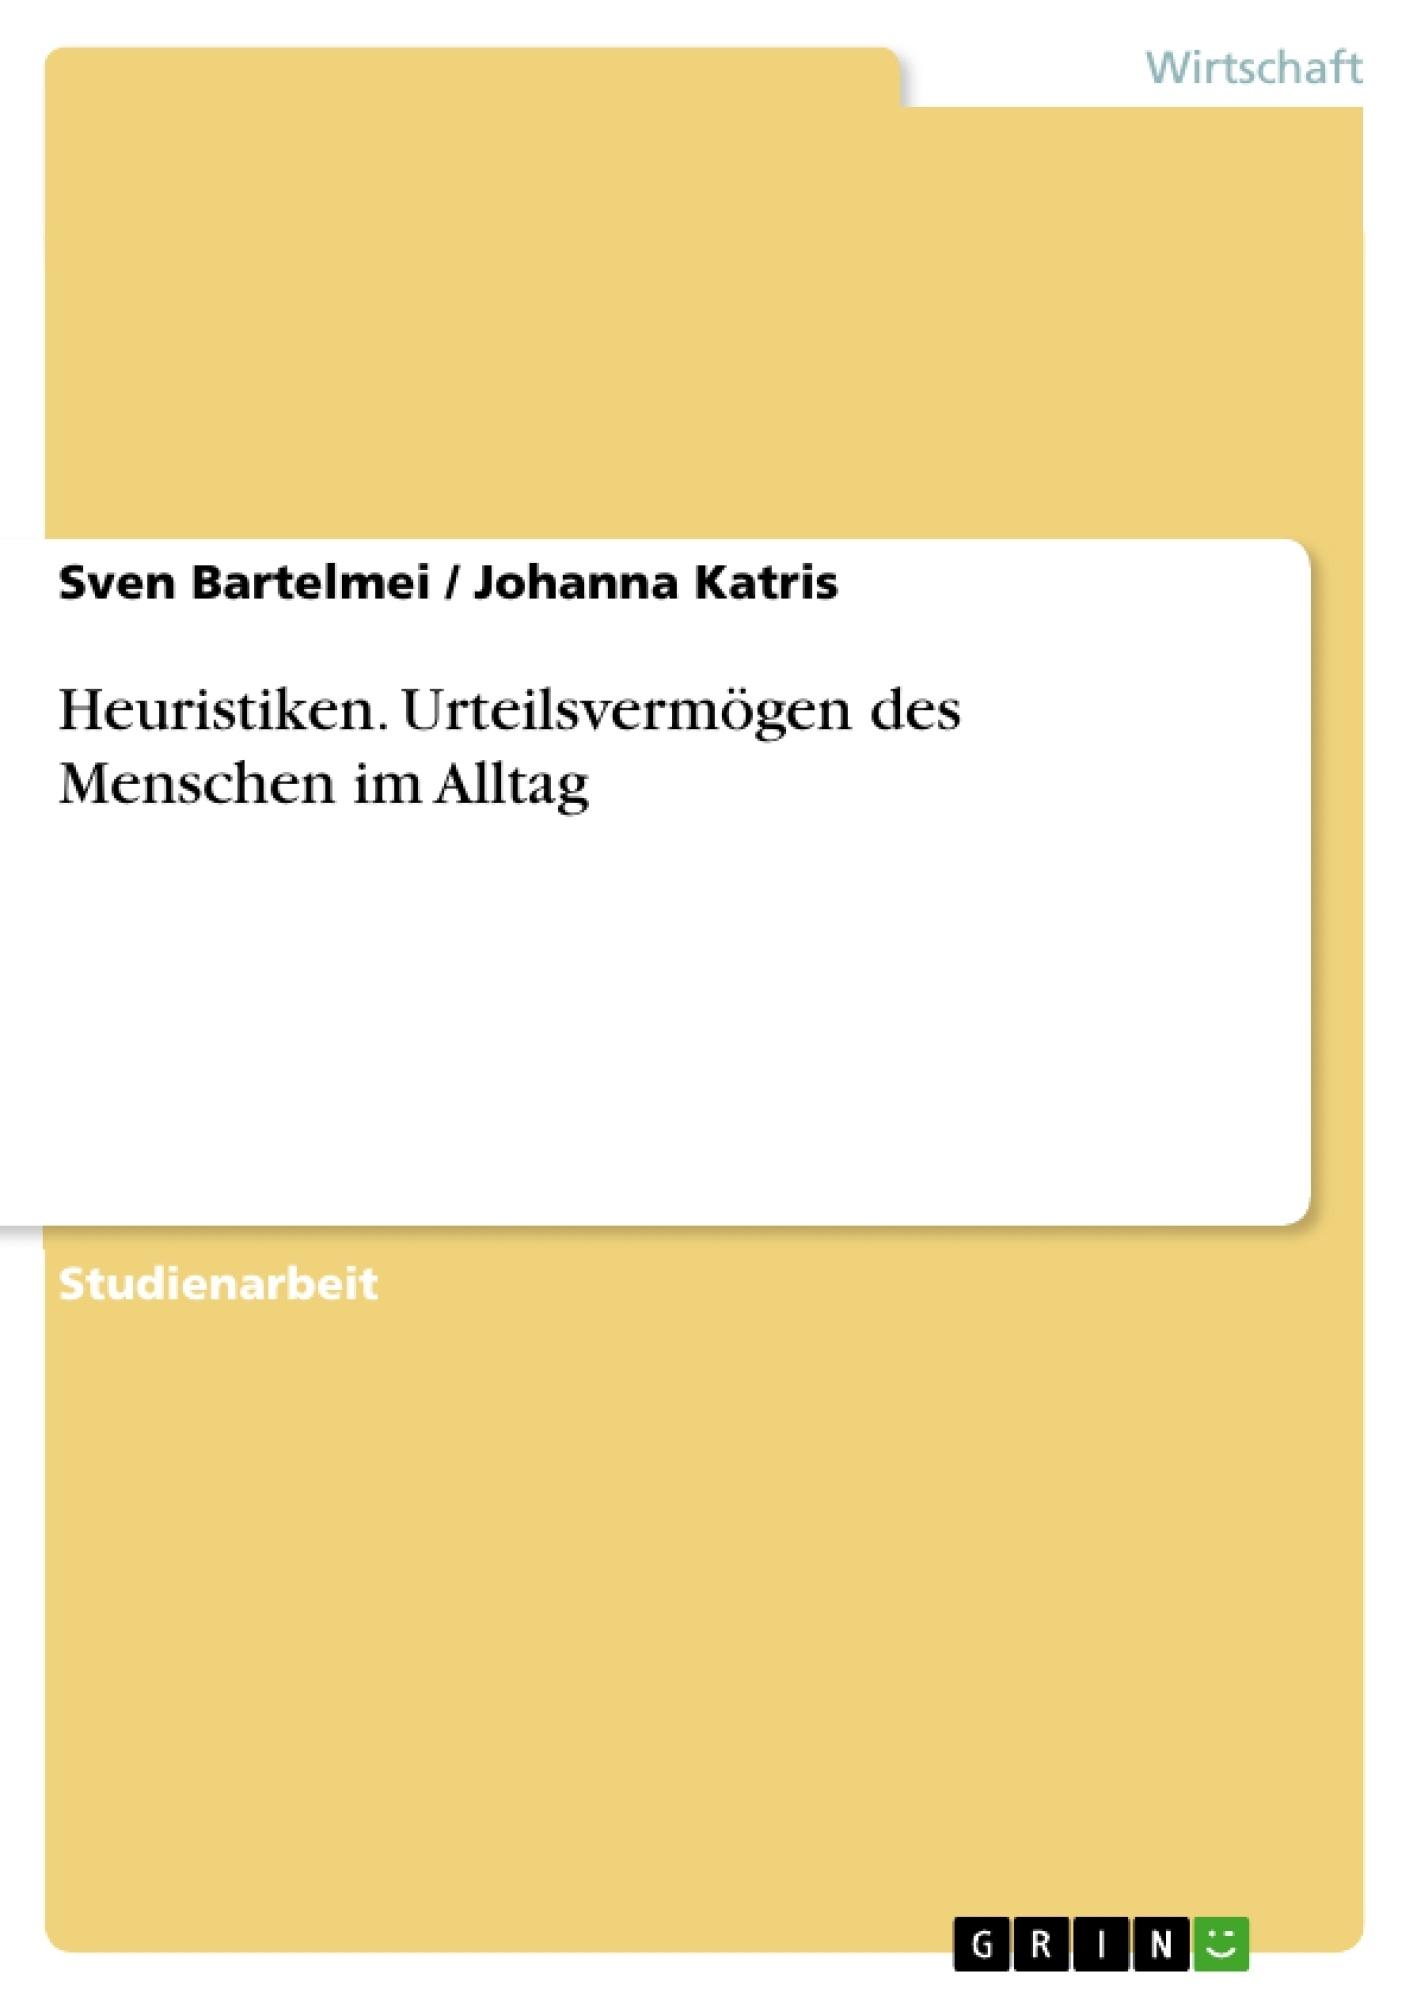 Titel: Heuristiken. Urteilsvermögen des Menschen im Alltag